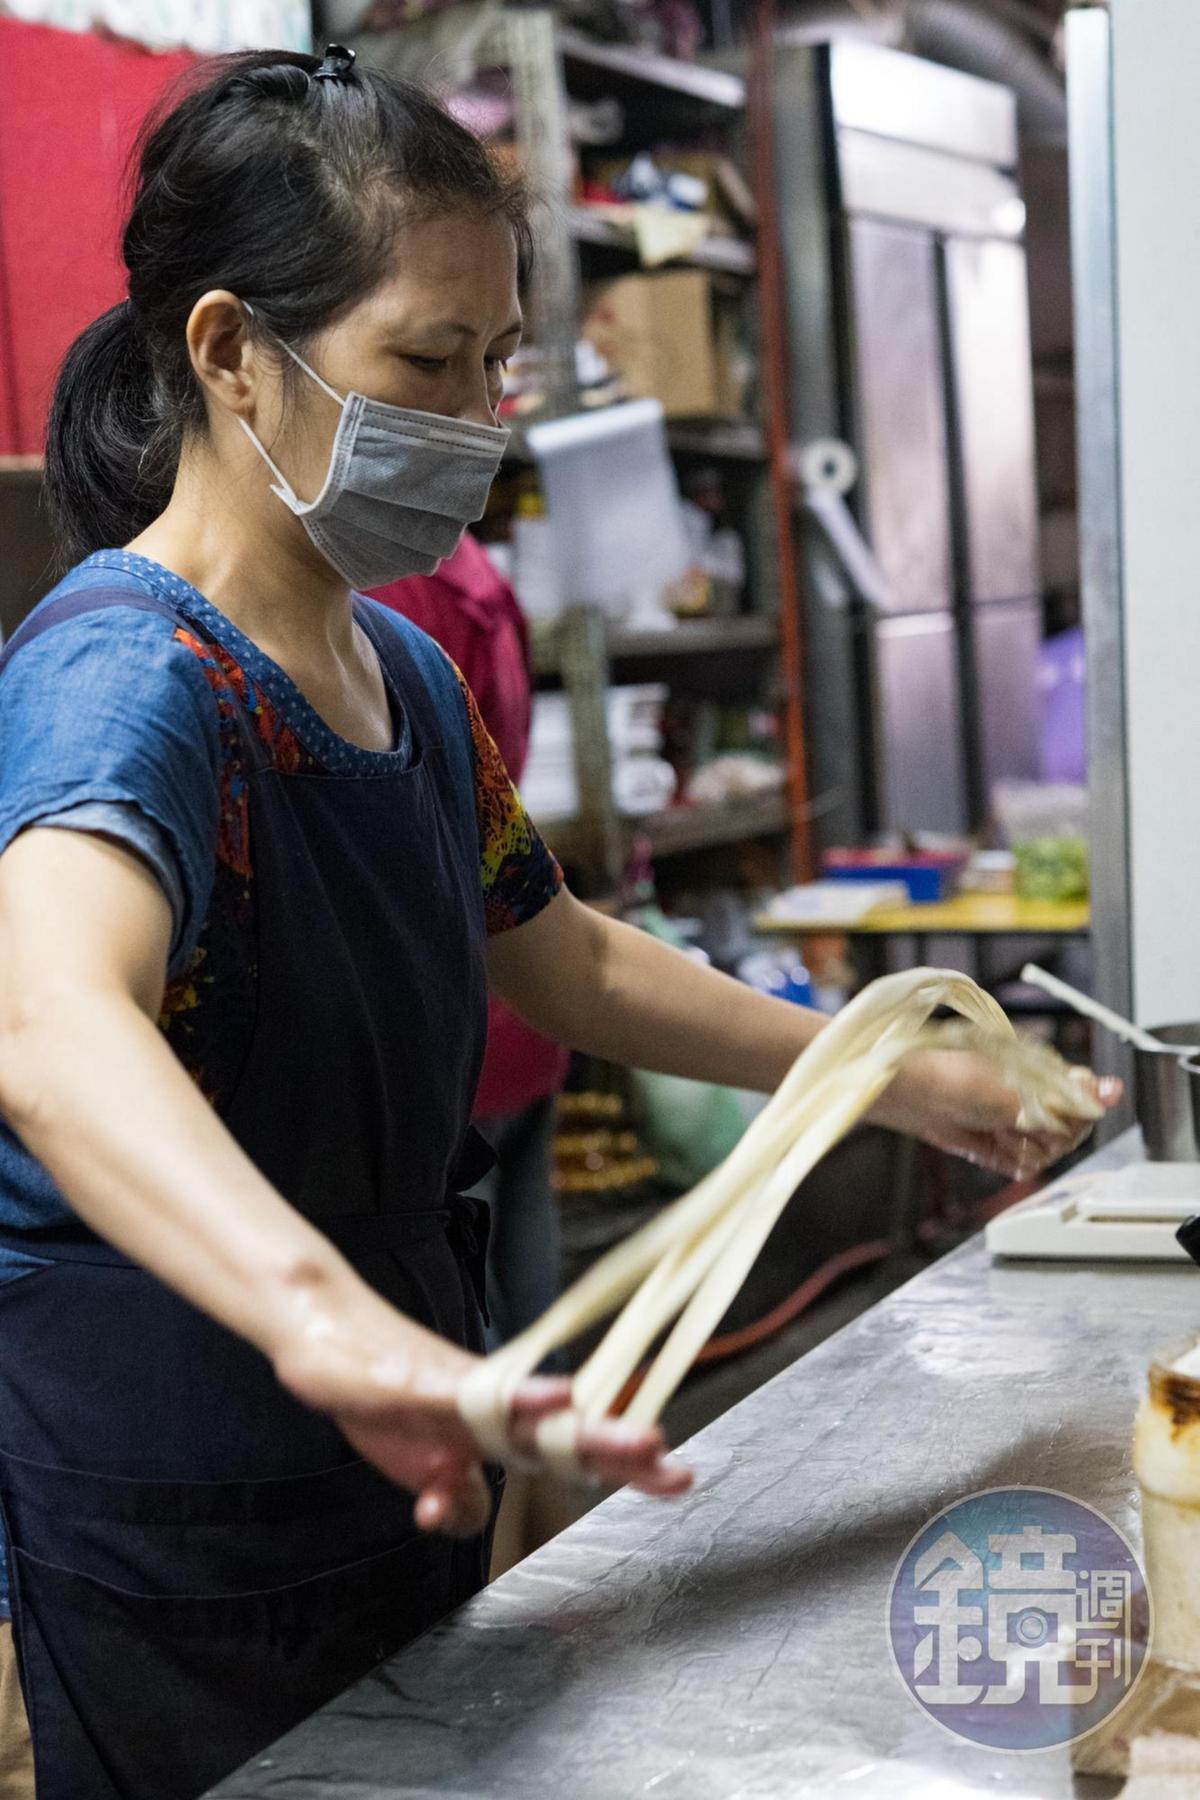 大盤雞裡的褲帶麵,是用高筋麵粉和成,彈性來自於手揉和足夠的醒麵時間。